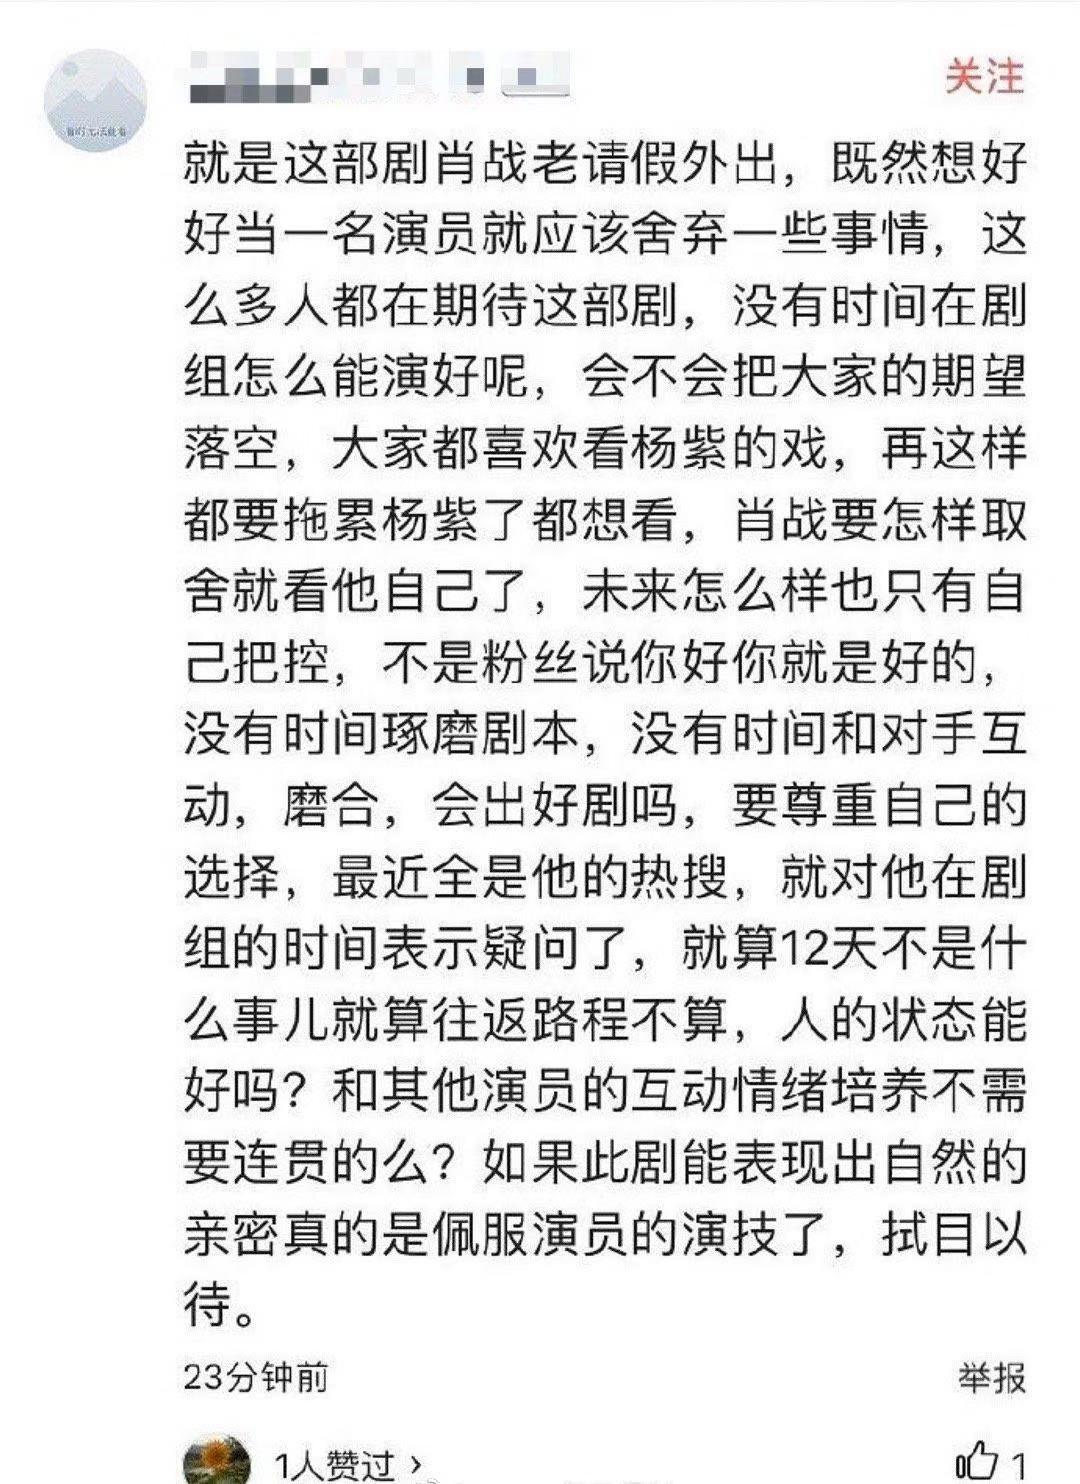 疑杨紫粉丝斥肖战请假太多拖累杨紫,应该有取舍,拍戏为主?